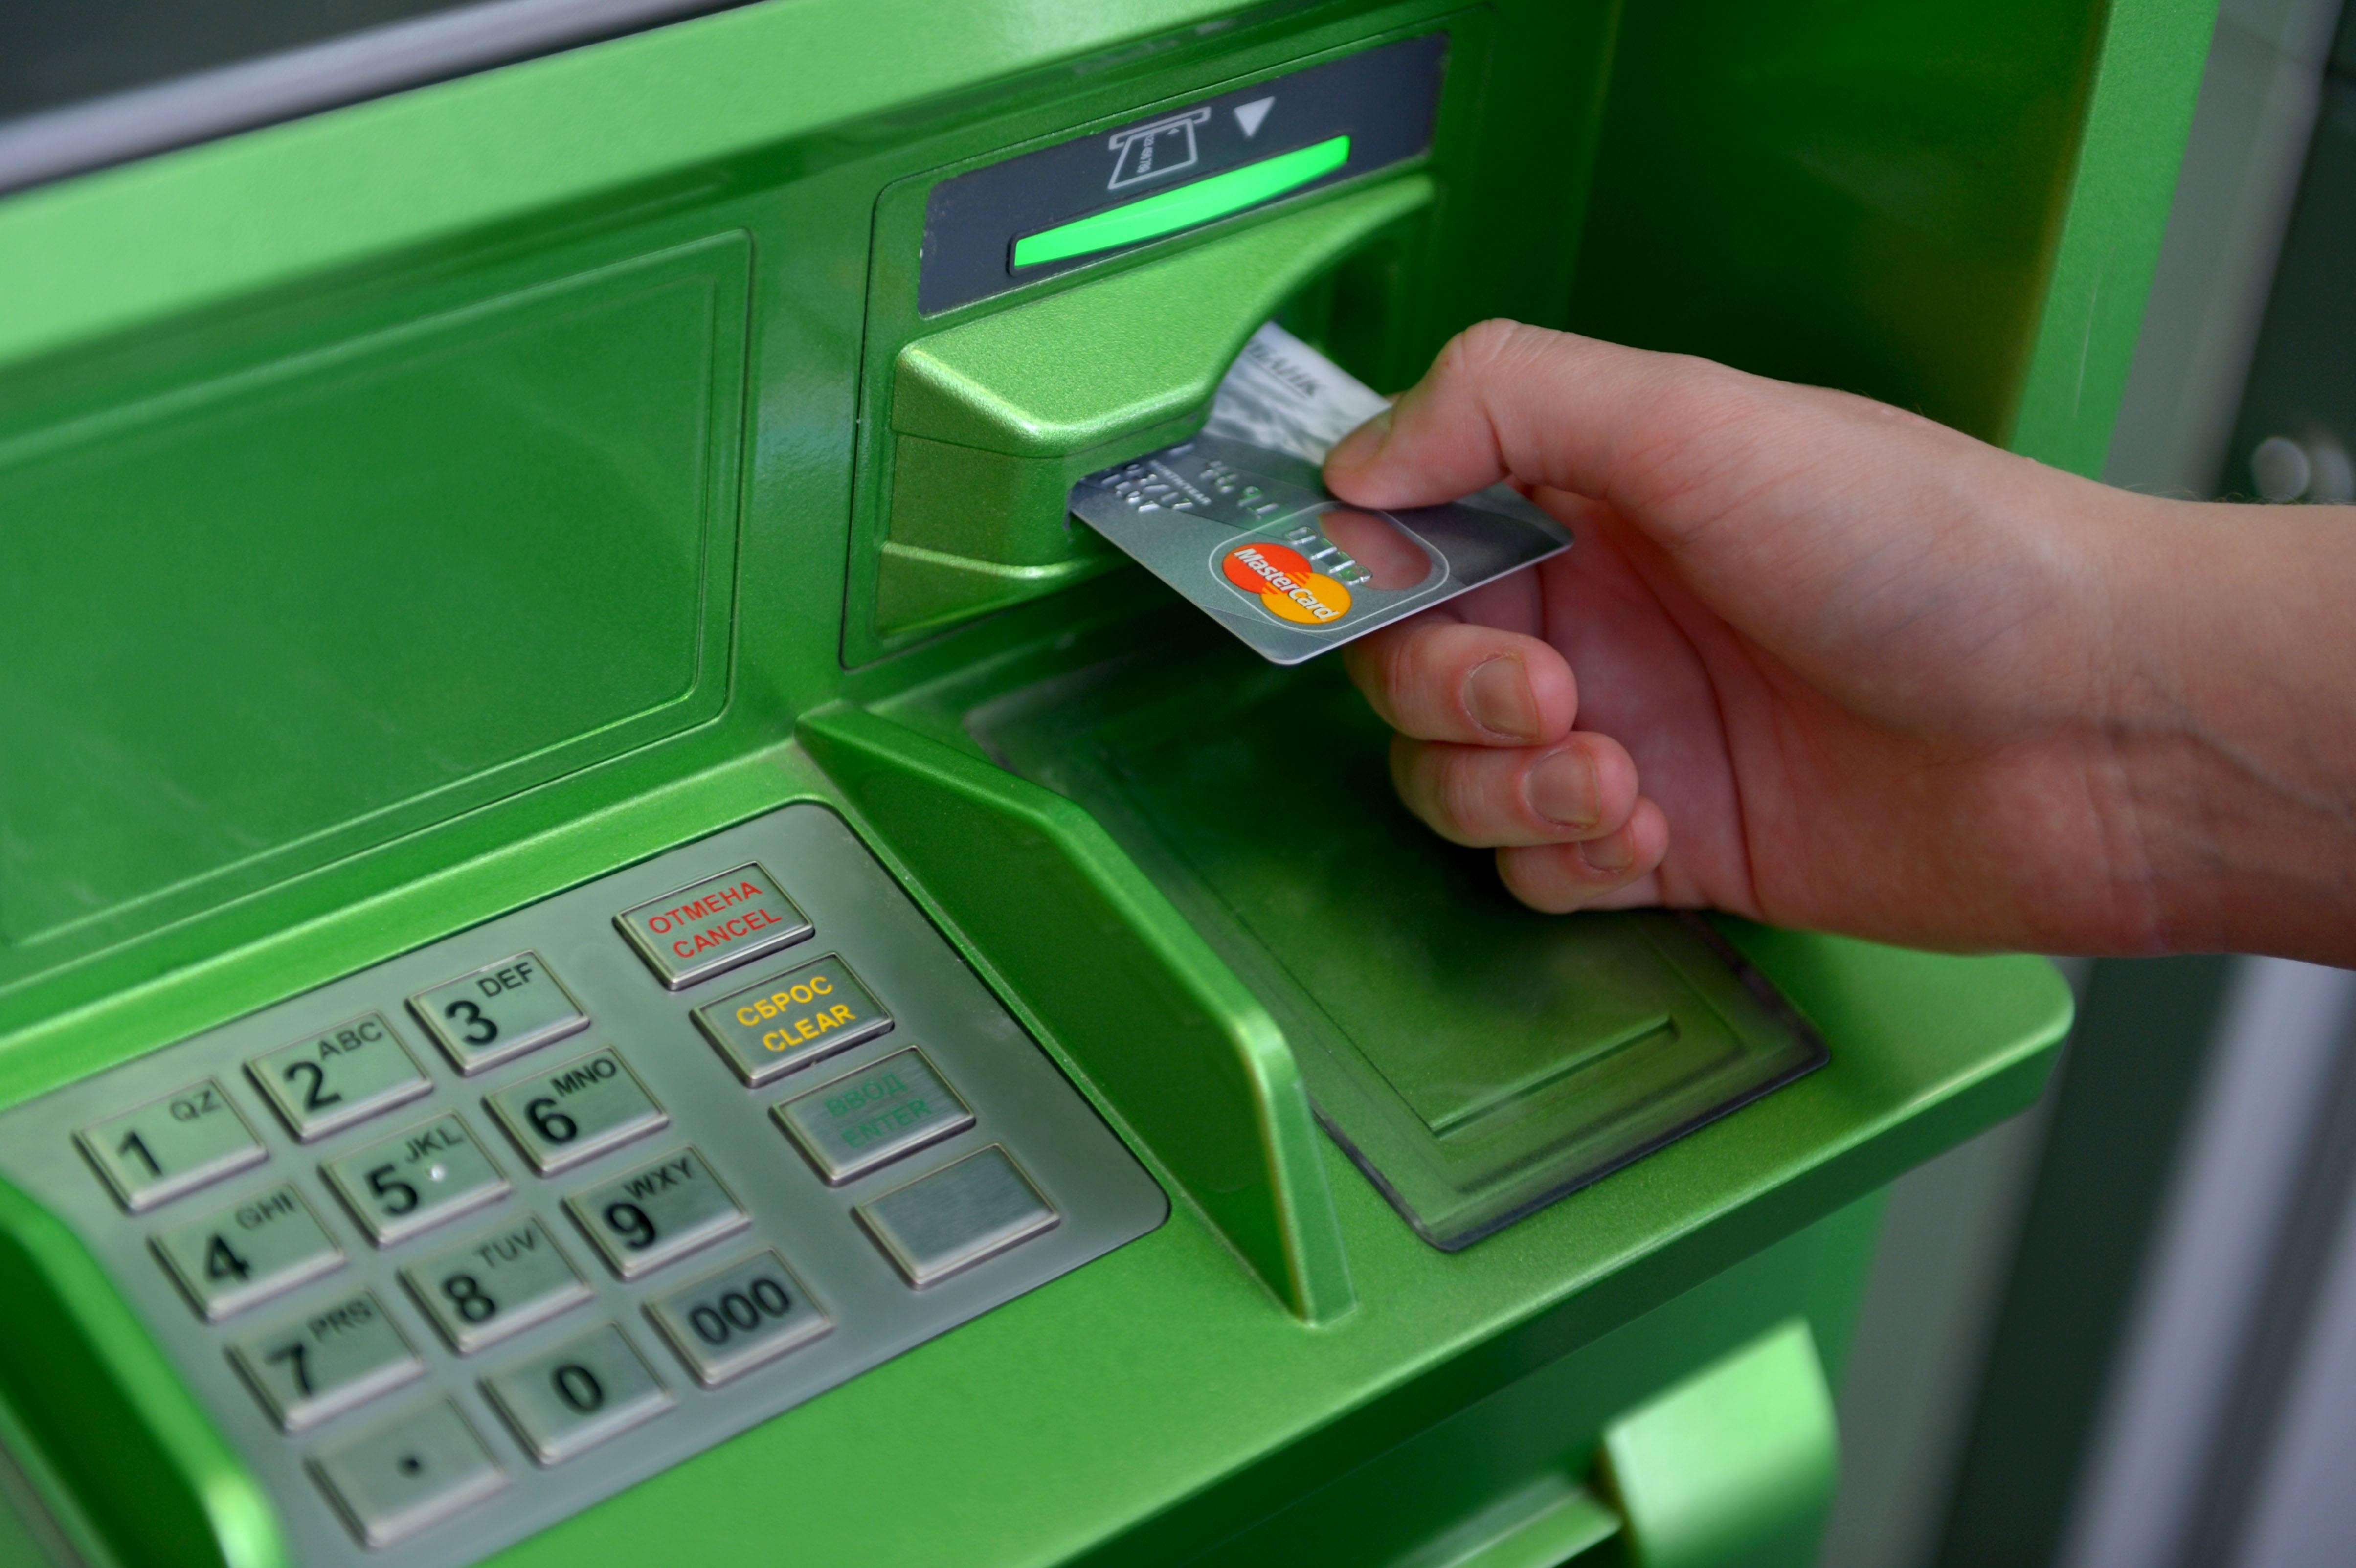 как обналичить деньги с кредитной карты без процентов тинькофф залог авто череповец